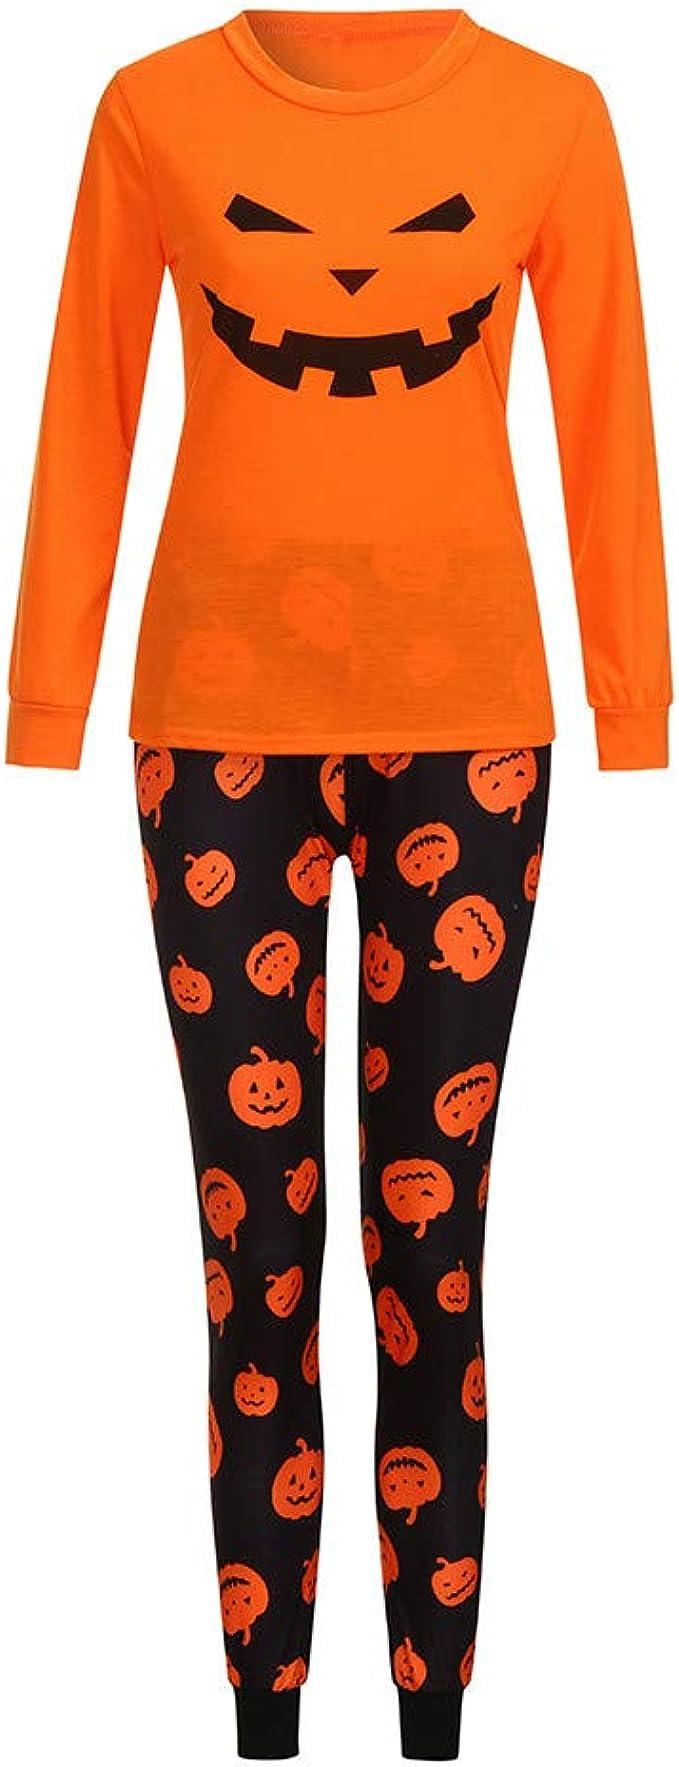 cinnamou Pijama Set Familiar De Halloween Conjunto De ...